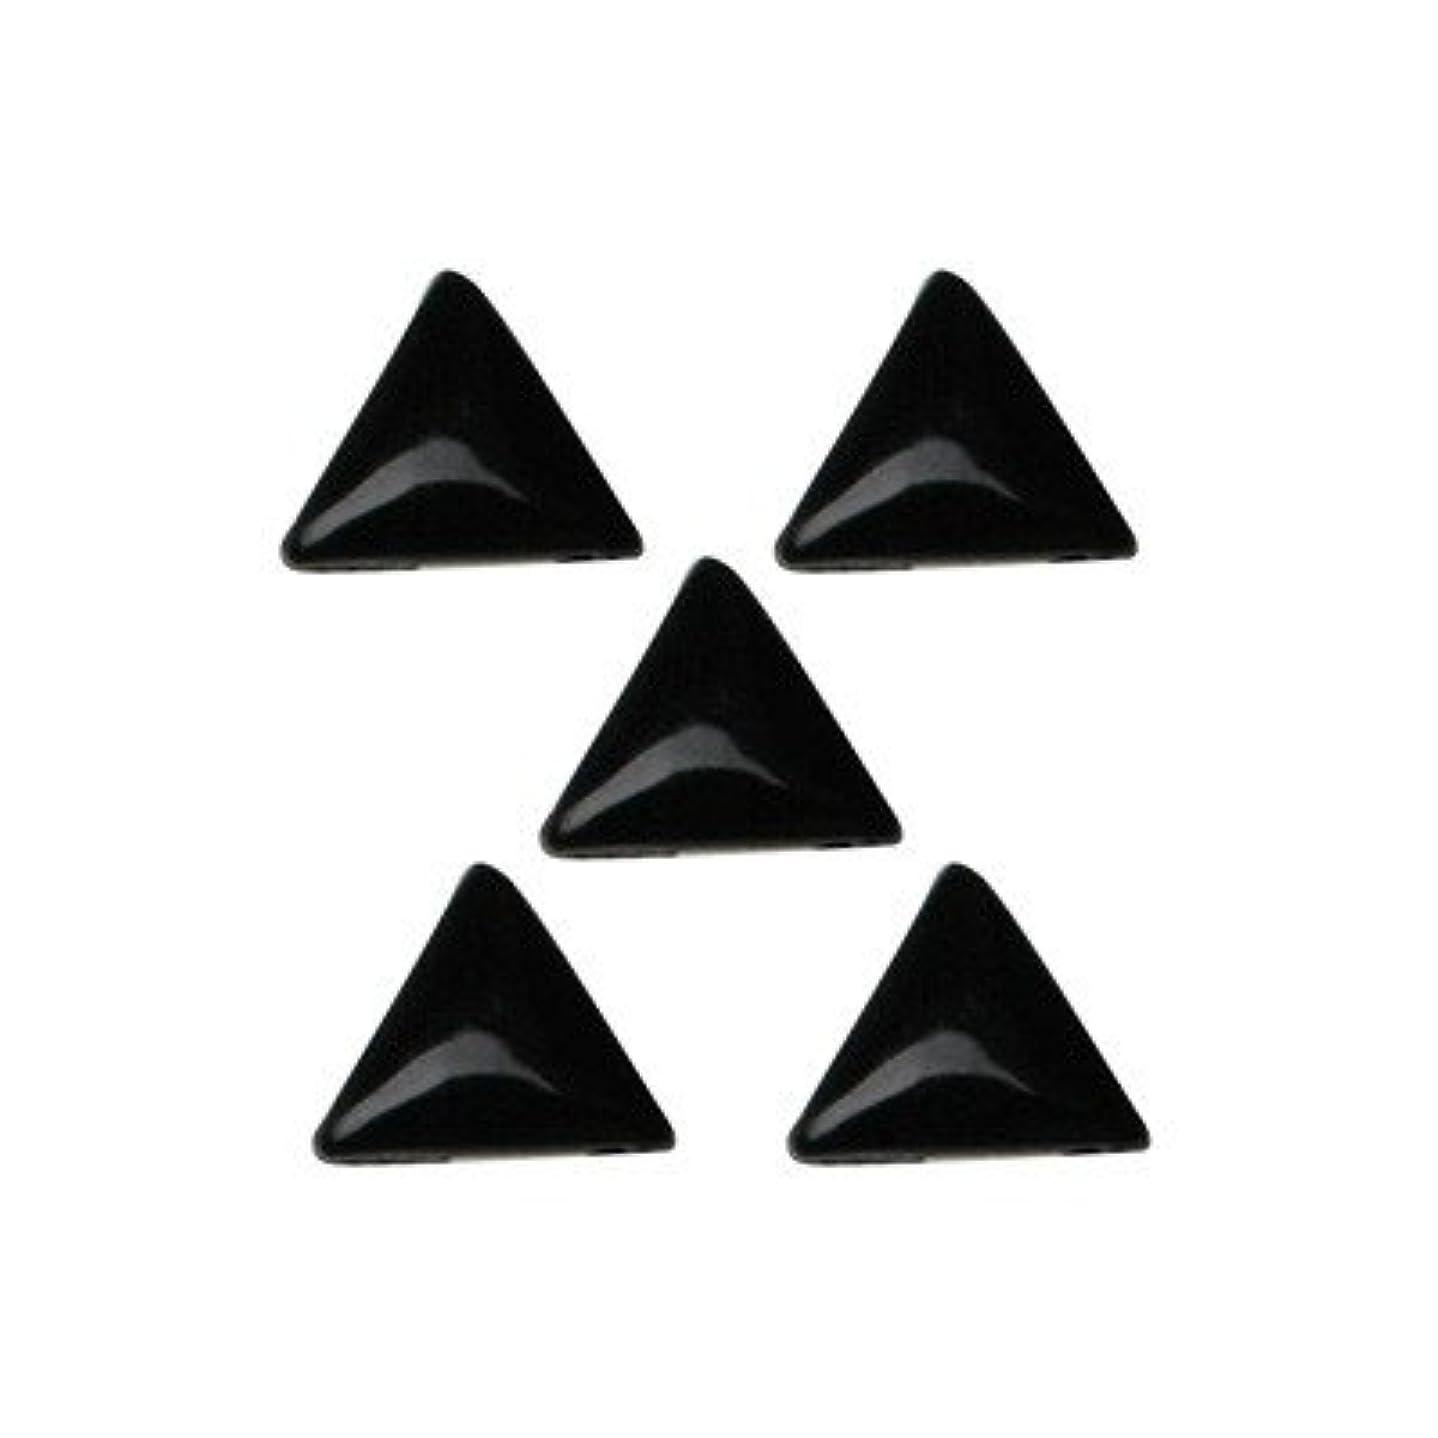 朝食を食べる失礼な独占B151 エムプティ プレミアムスタッズ made in Japan/トライアングル 3×3mm